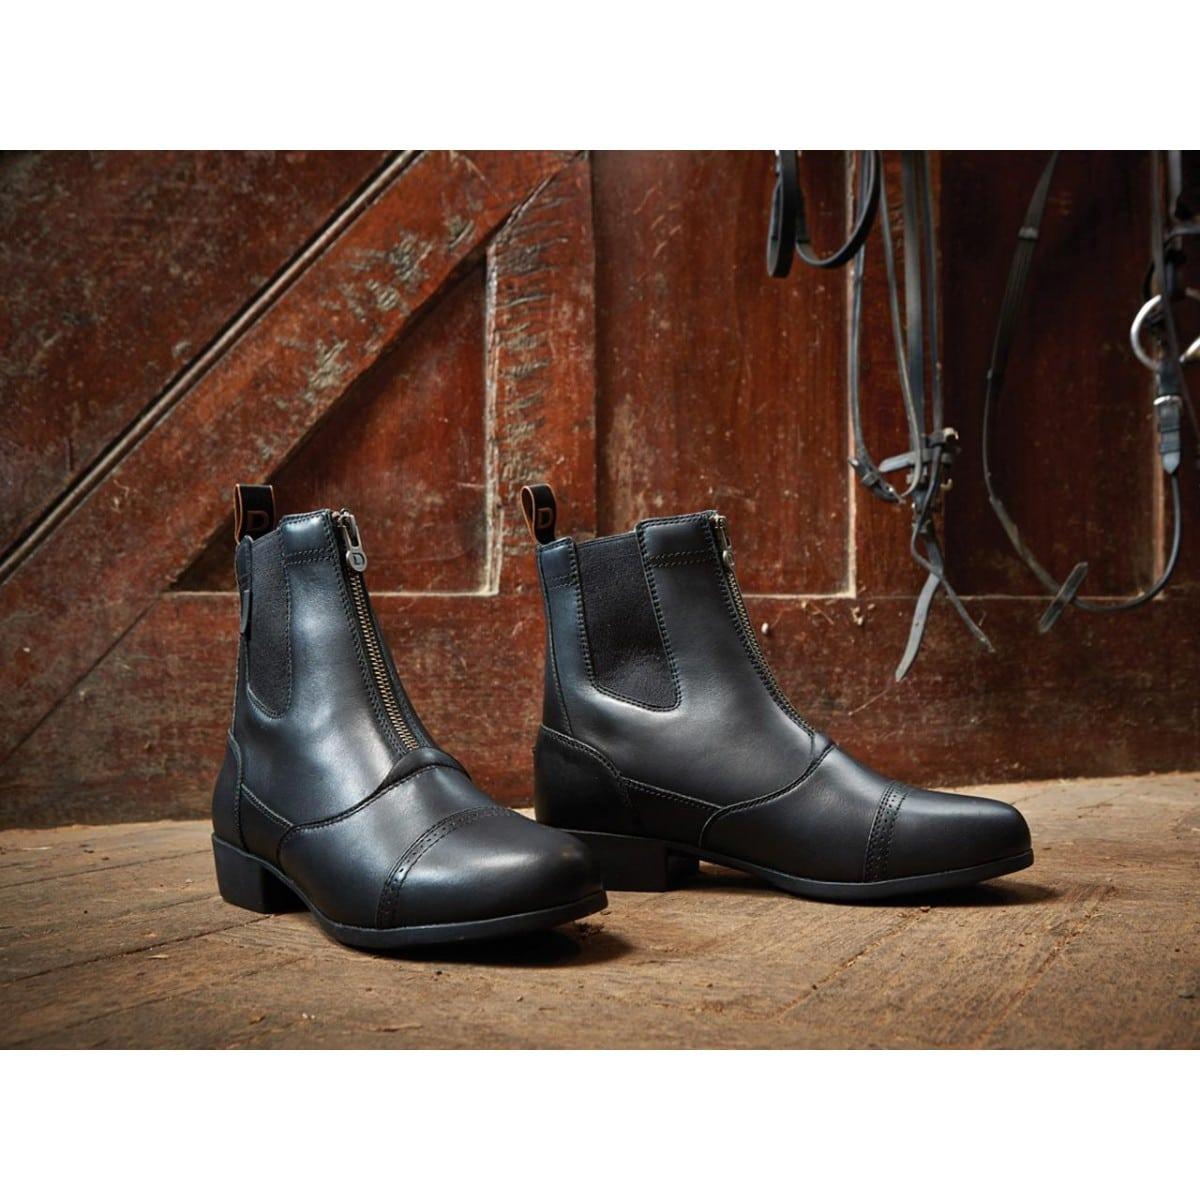 new concept 6534d 95c55 Zip Boots Elevation Jodhpur Zip Jodhpur Elevation Dublin Dublin Elevation  Dublin Boots xtQrCshd